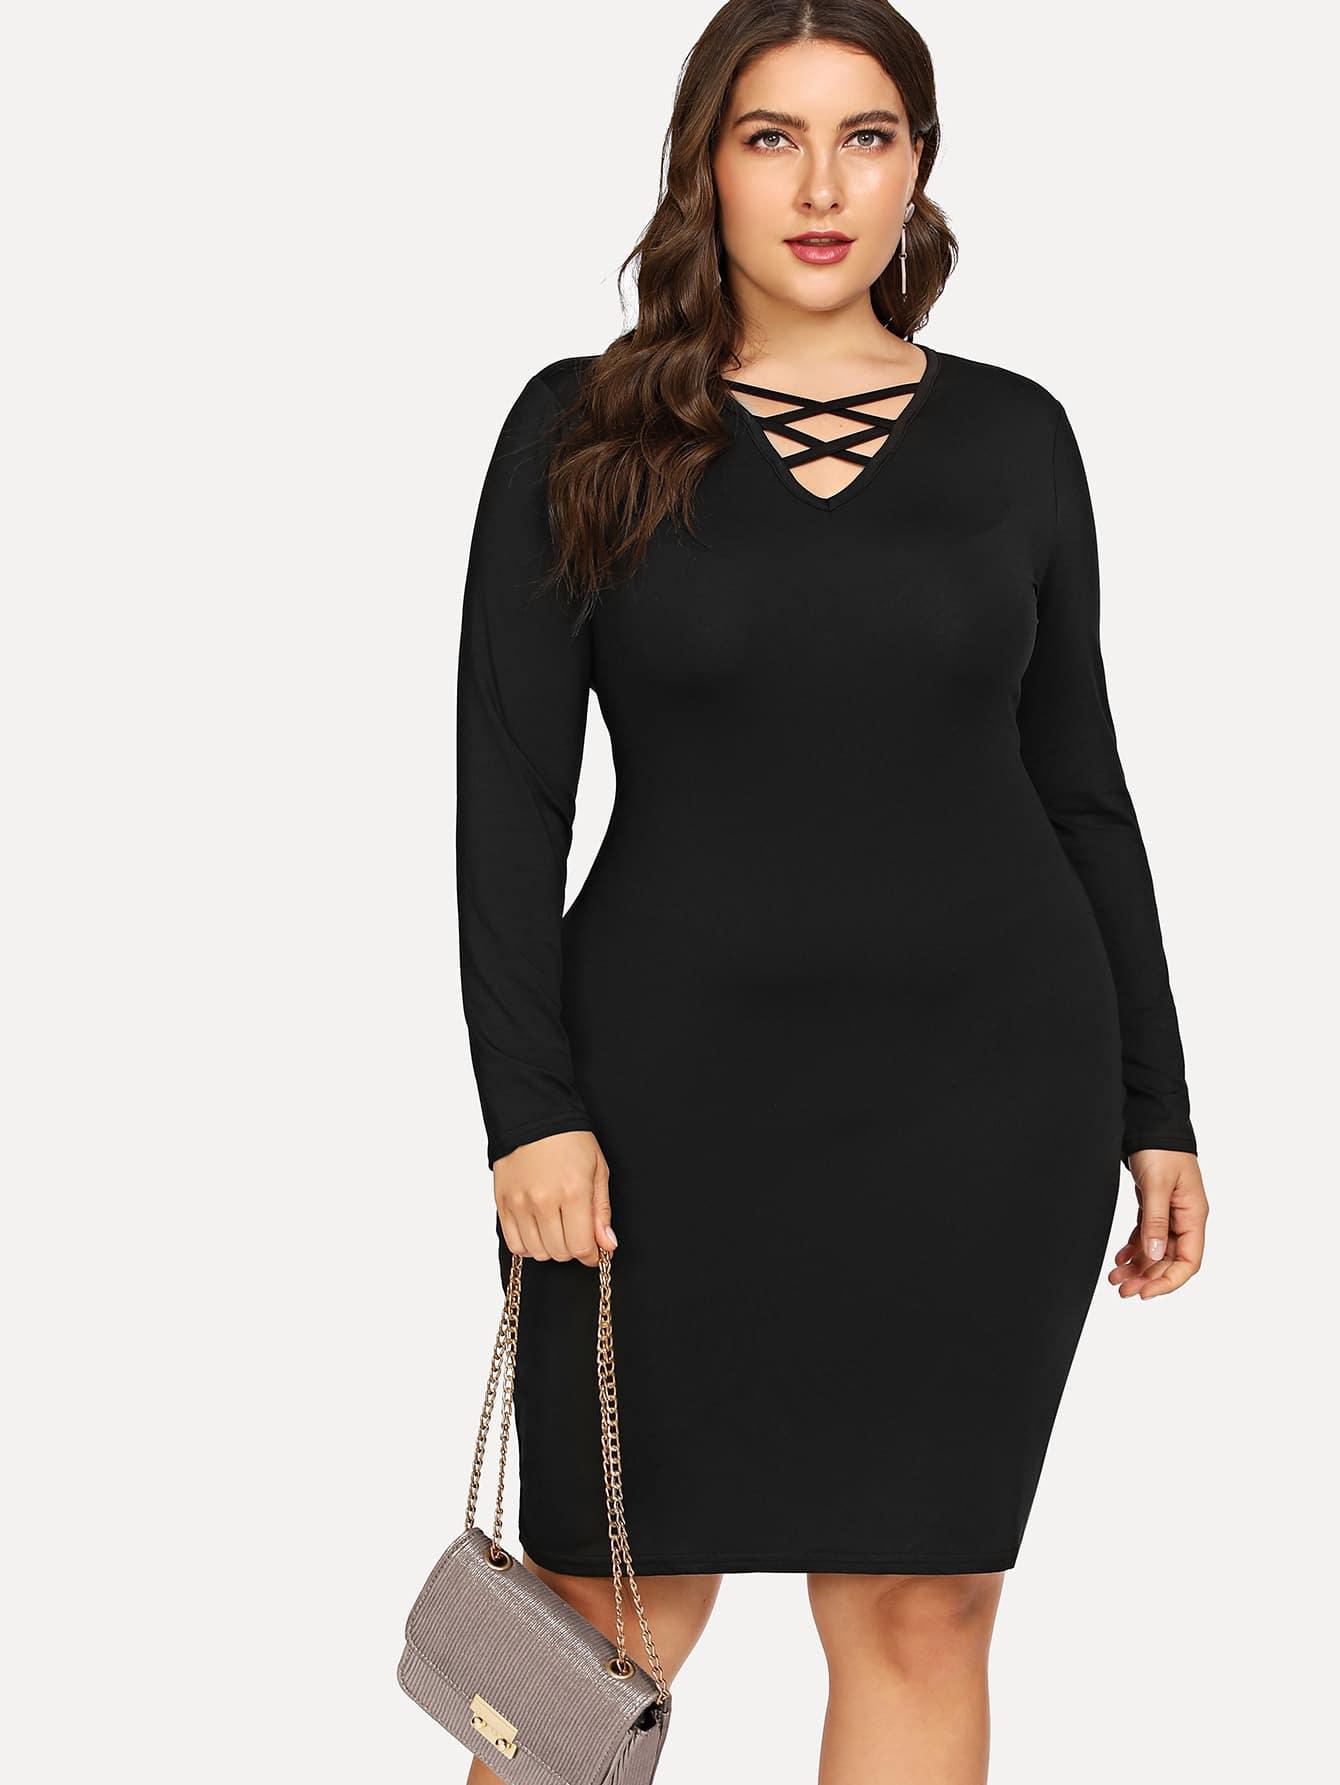 Купить Простое платье и с лентами пересечения перед одежды, Franziska, SheIn